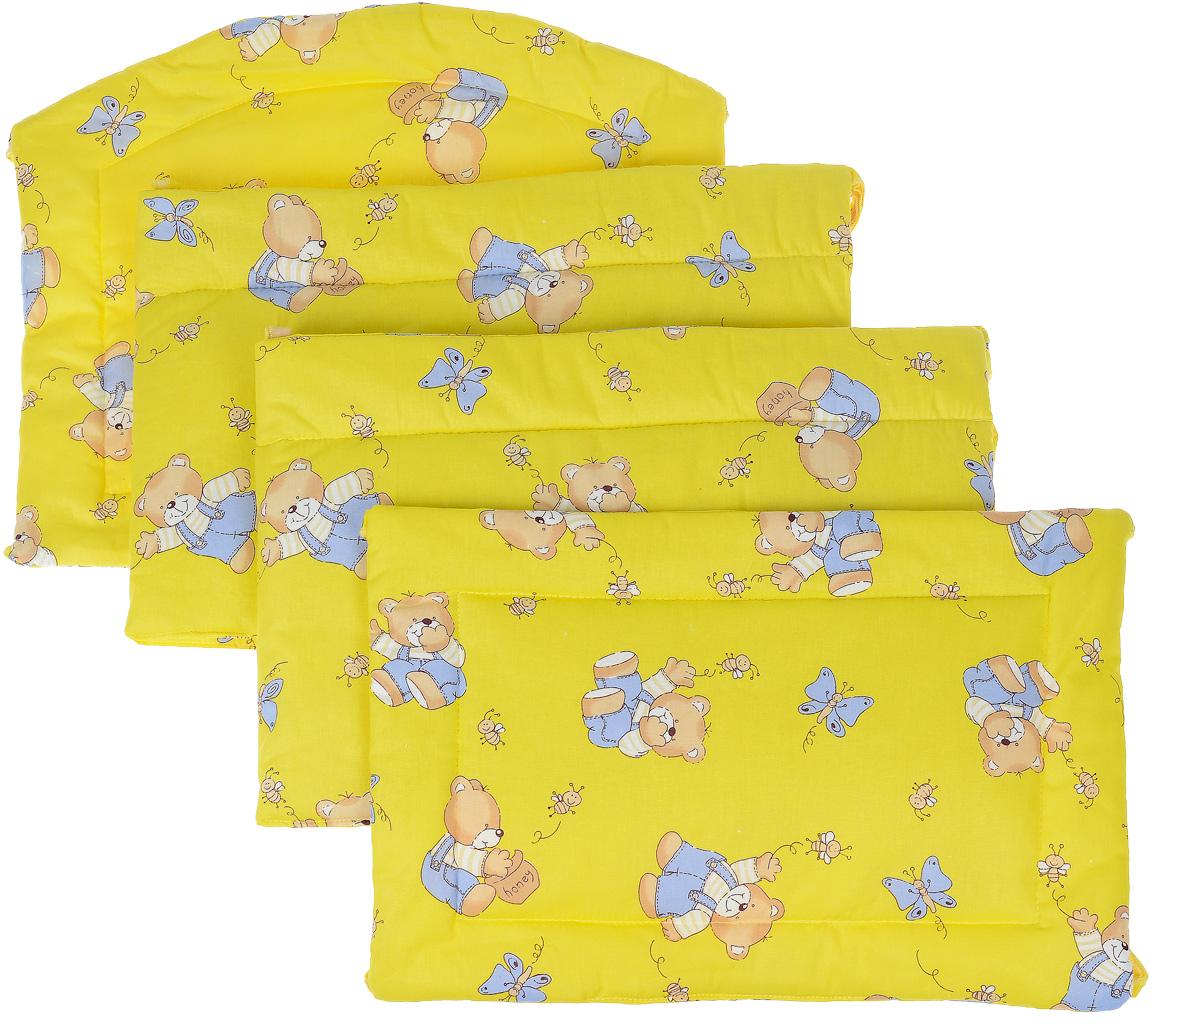 Фея Борт комбинированный 405 Мишка цвет желтый - Детская комната